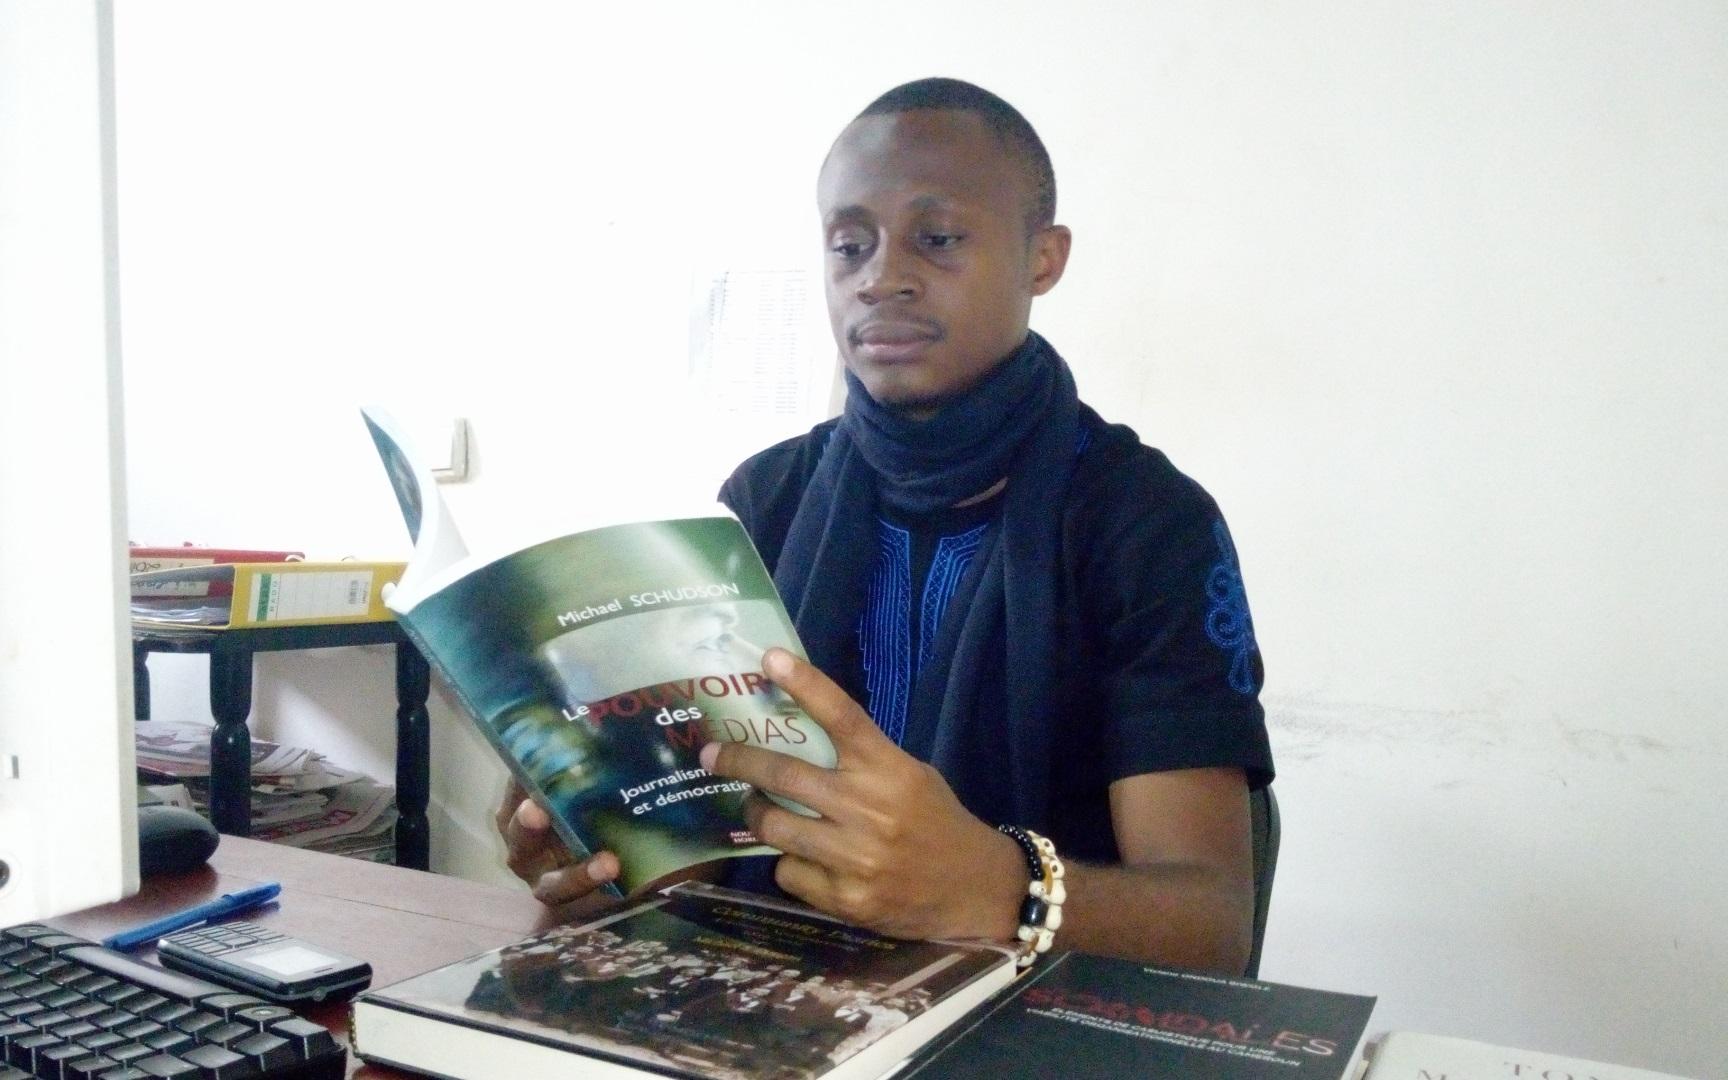 Lucien Bodo pointe du doigt les médias dans la montée de la haine et violence au Cameroun